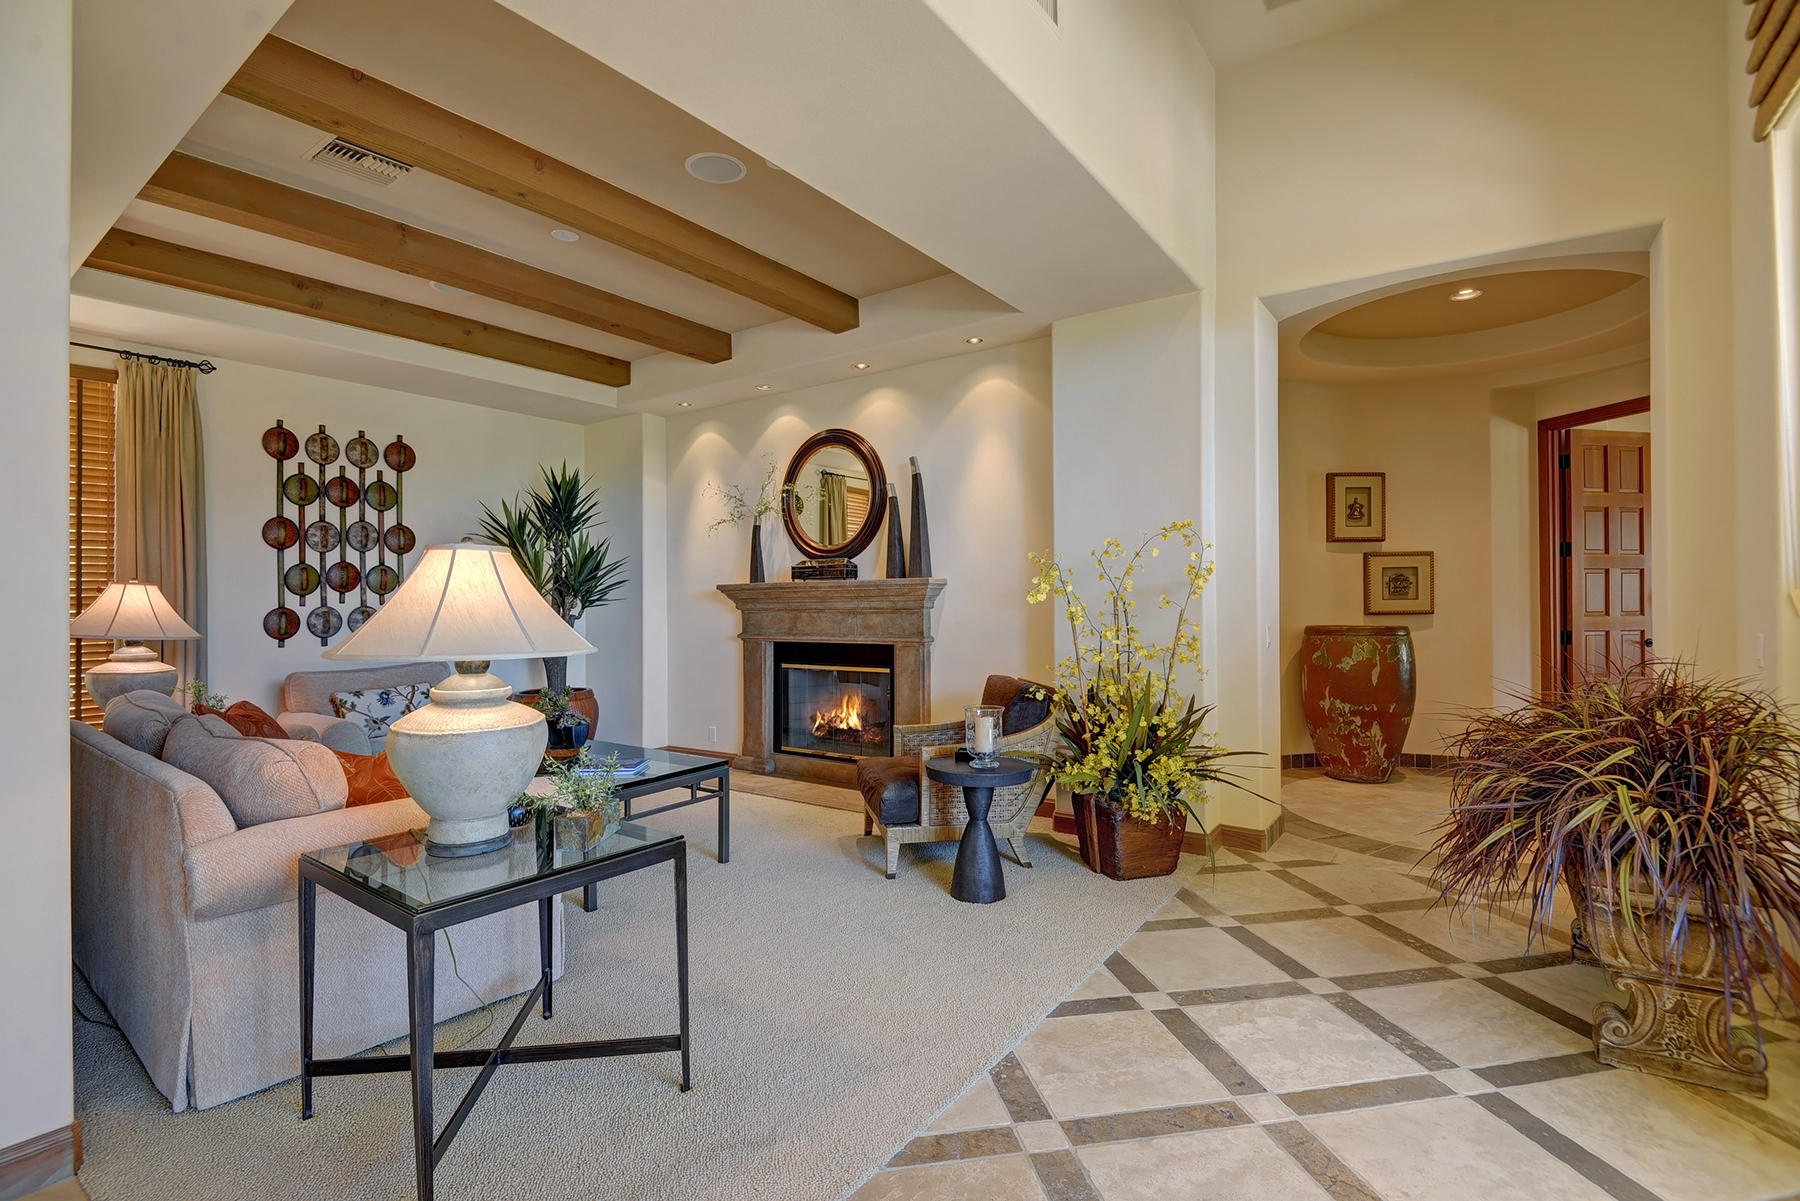 79183 Cetrino, La Quinta, California 92253, 4 Bedrooms Bedrooms, ,5 BathroomsBathrooms,Residential,For Sale,79183 Cetrino,219037689